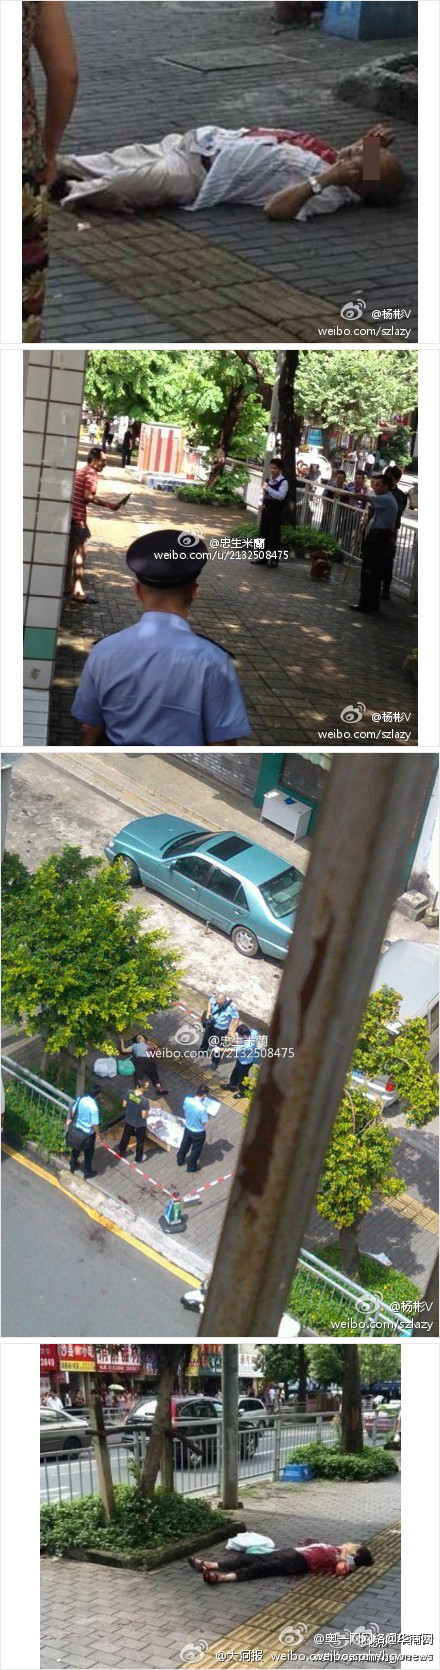 高清图—深圳罗湖区翠竹辖区一路段男子连续砍人 多人死伤